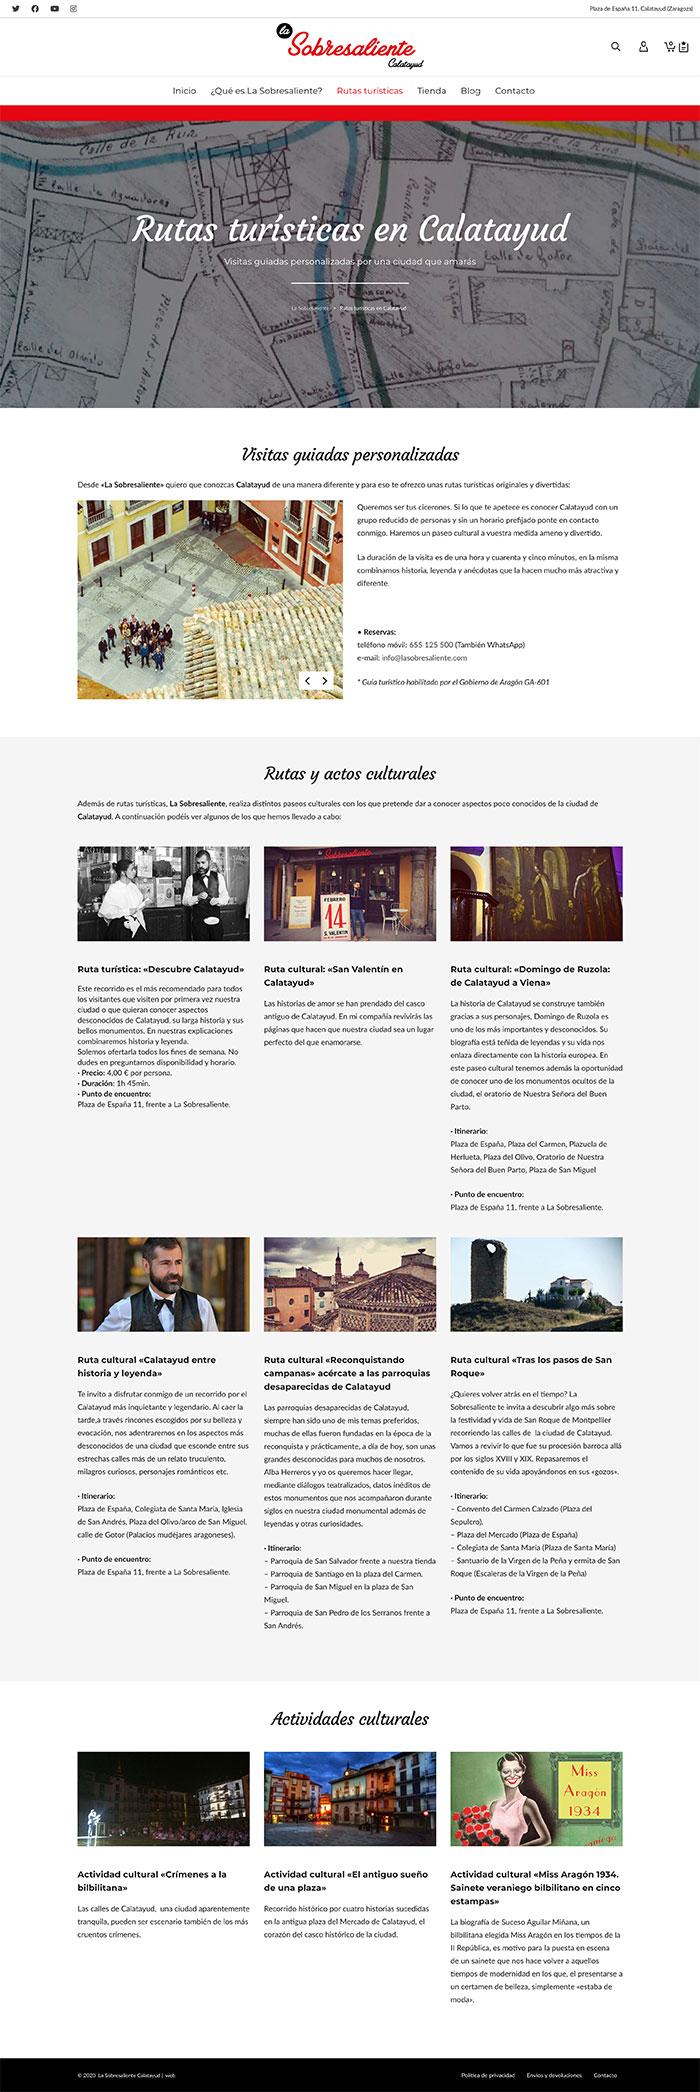 La Sobresaliente Calatayud ★ Tienda de recuerdos ★ Website